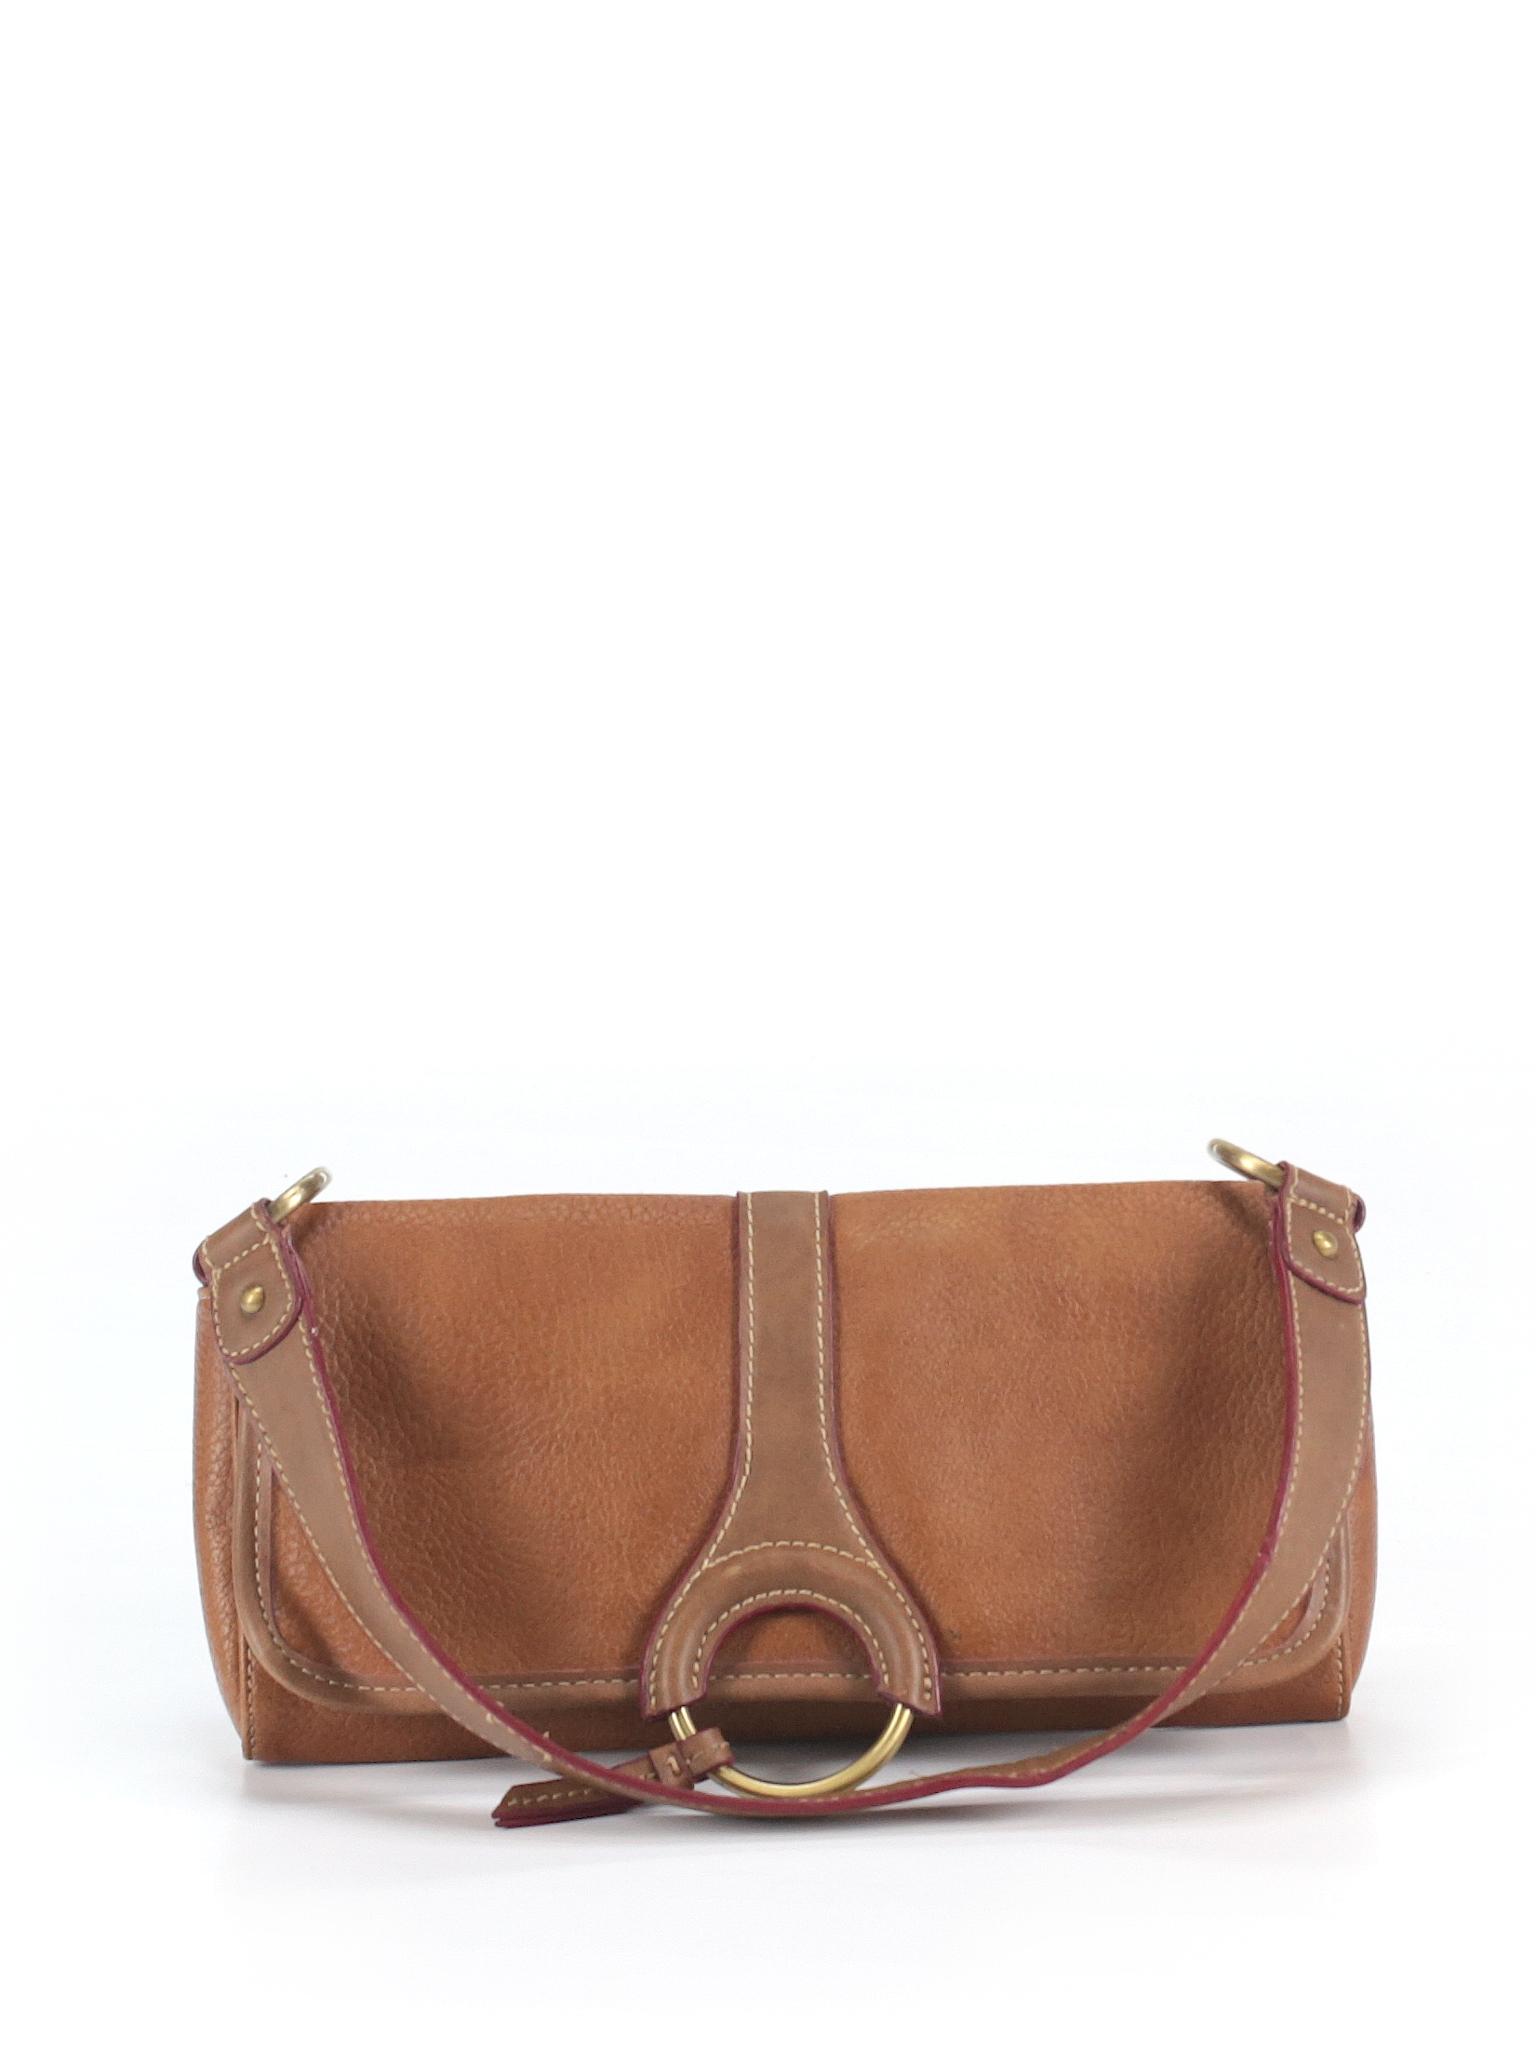 tommy hilfiger shoulder bag 72 off only on thredup. Black Bedroom Furniture Sets. Home Design Ideas